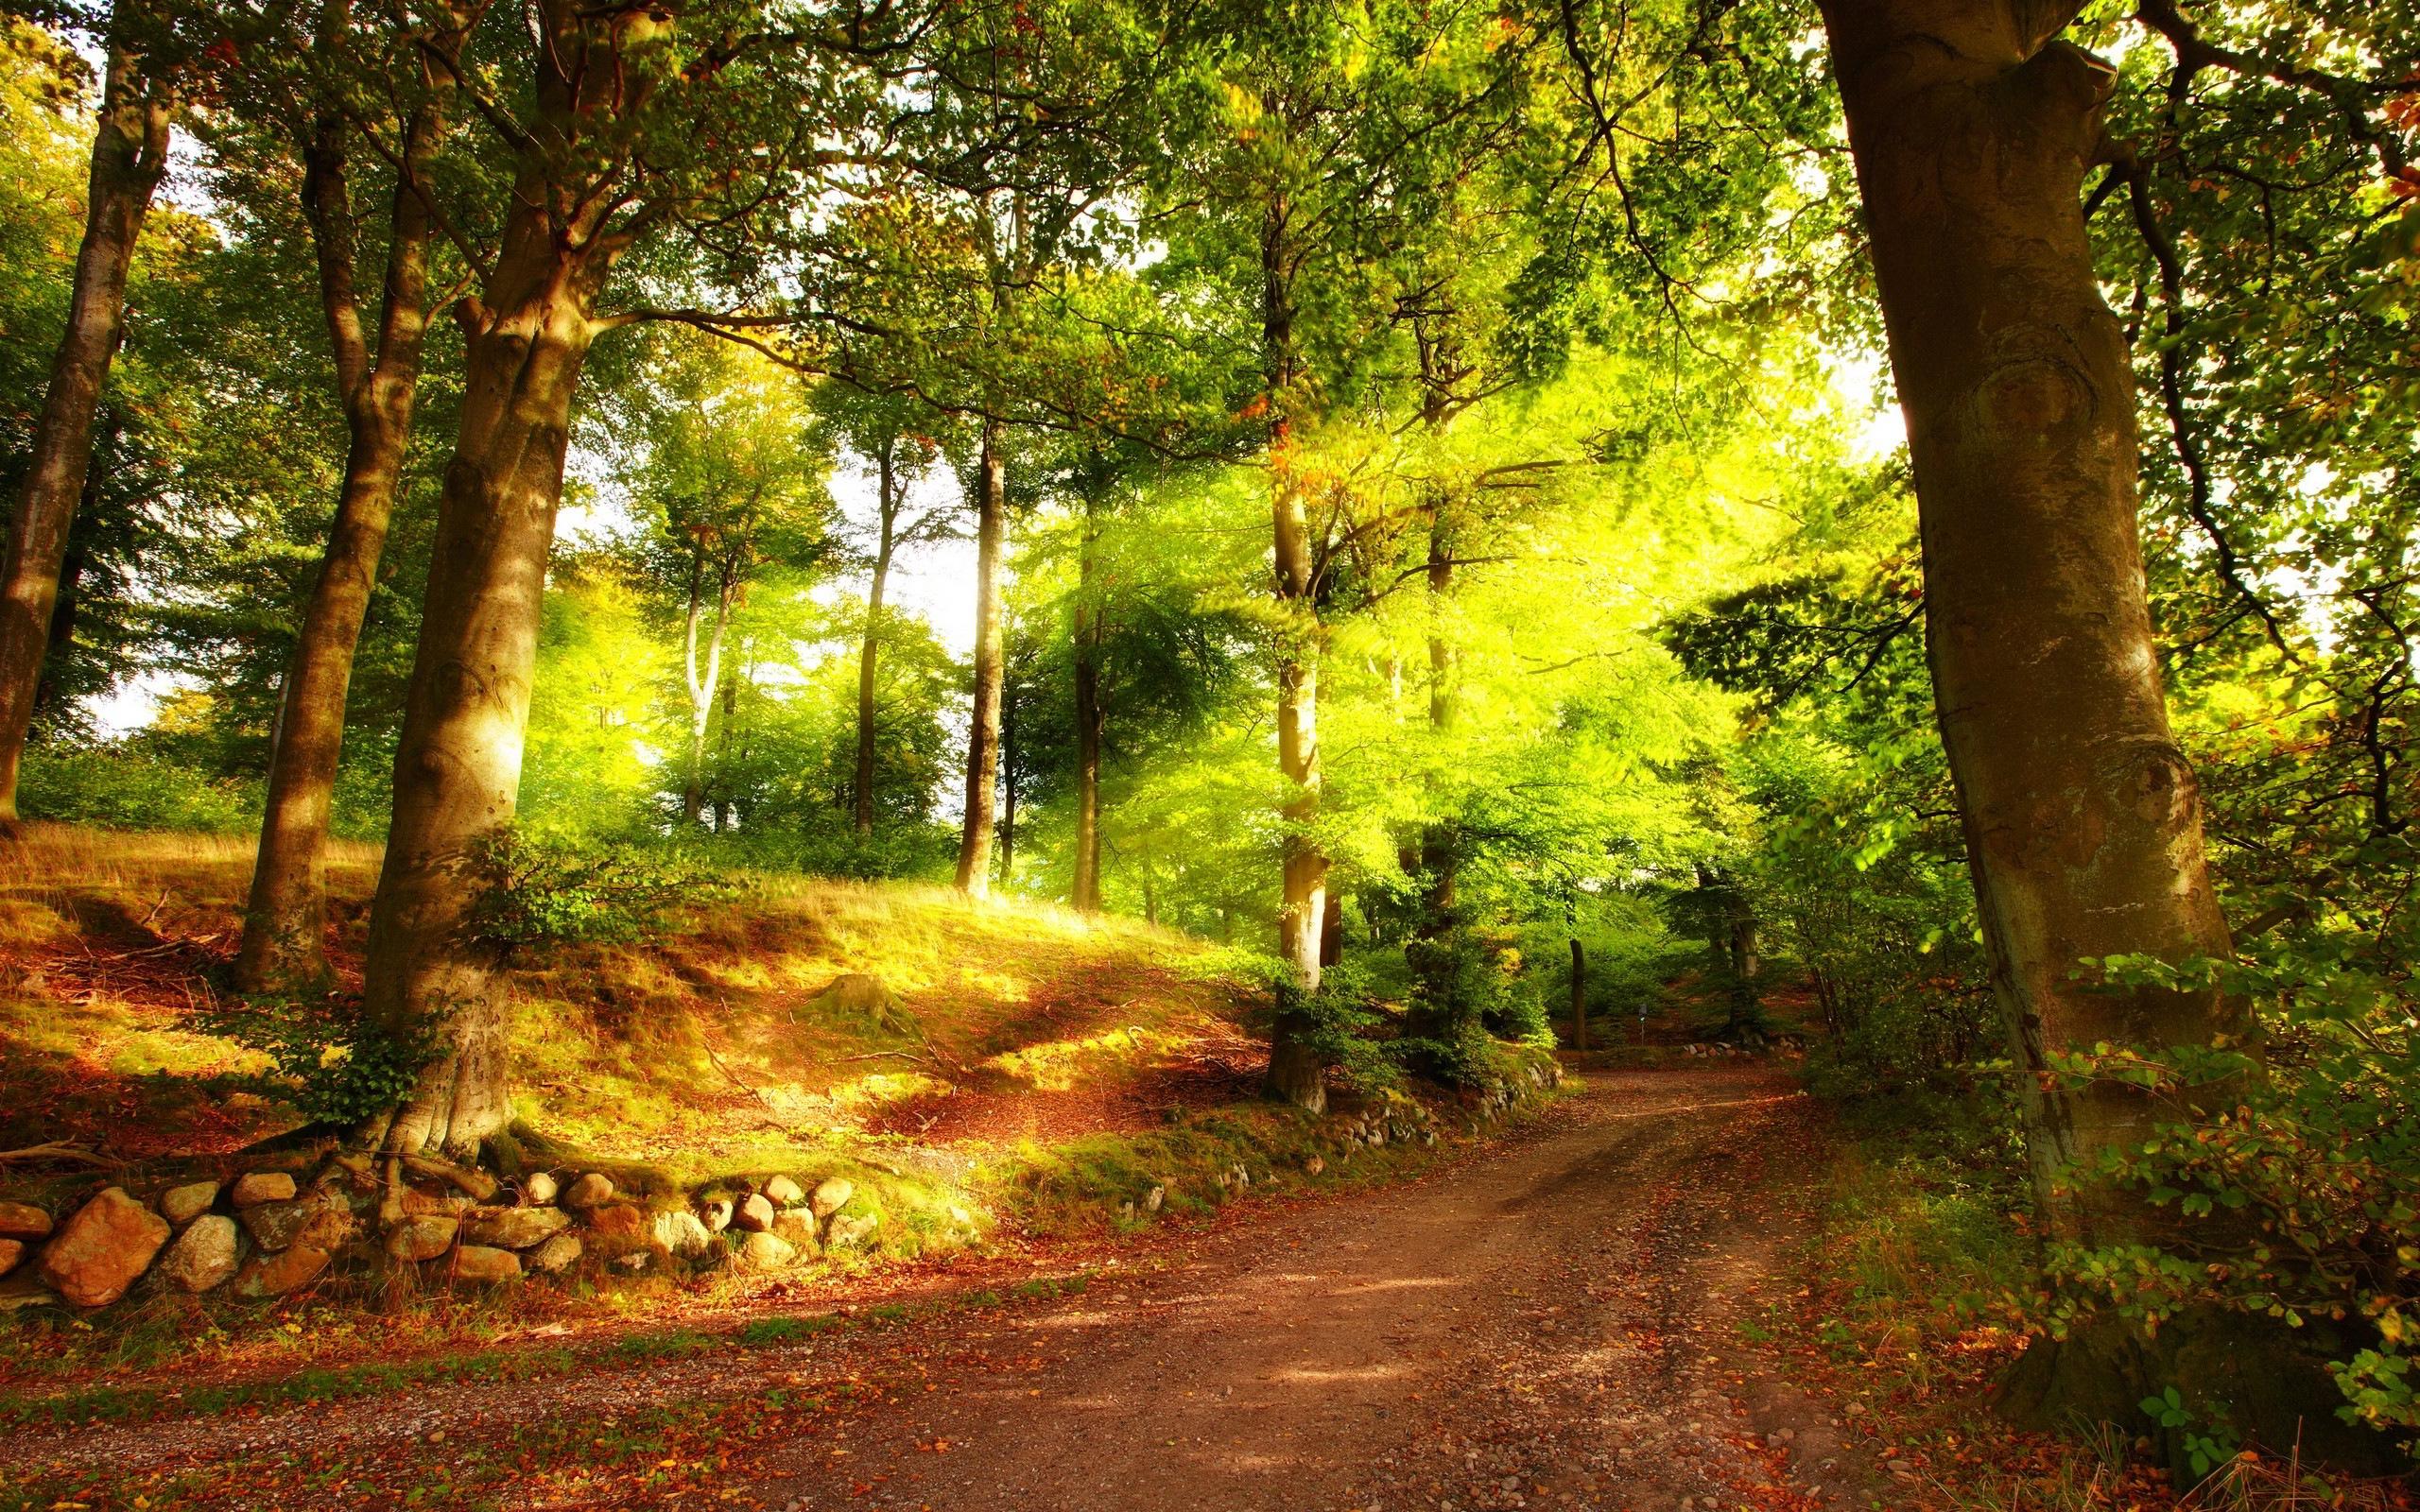 forest road hd desktop - HD Desktop Wallpapers   4k HD